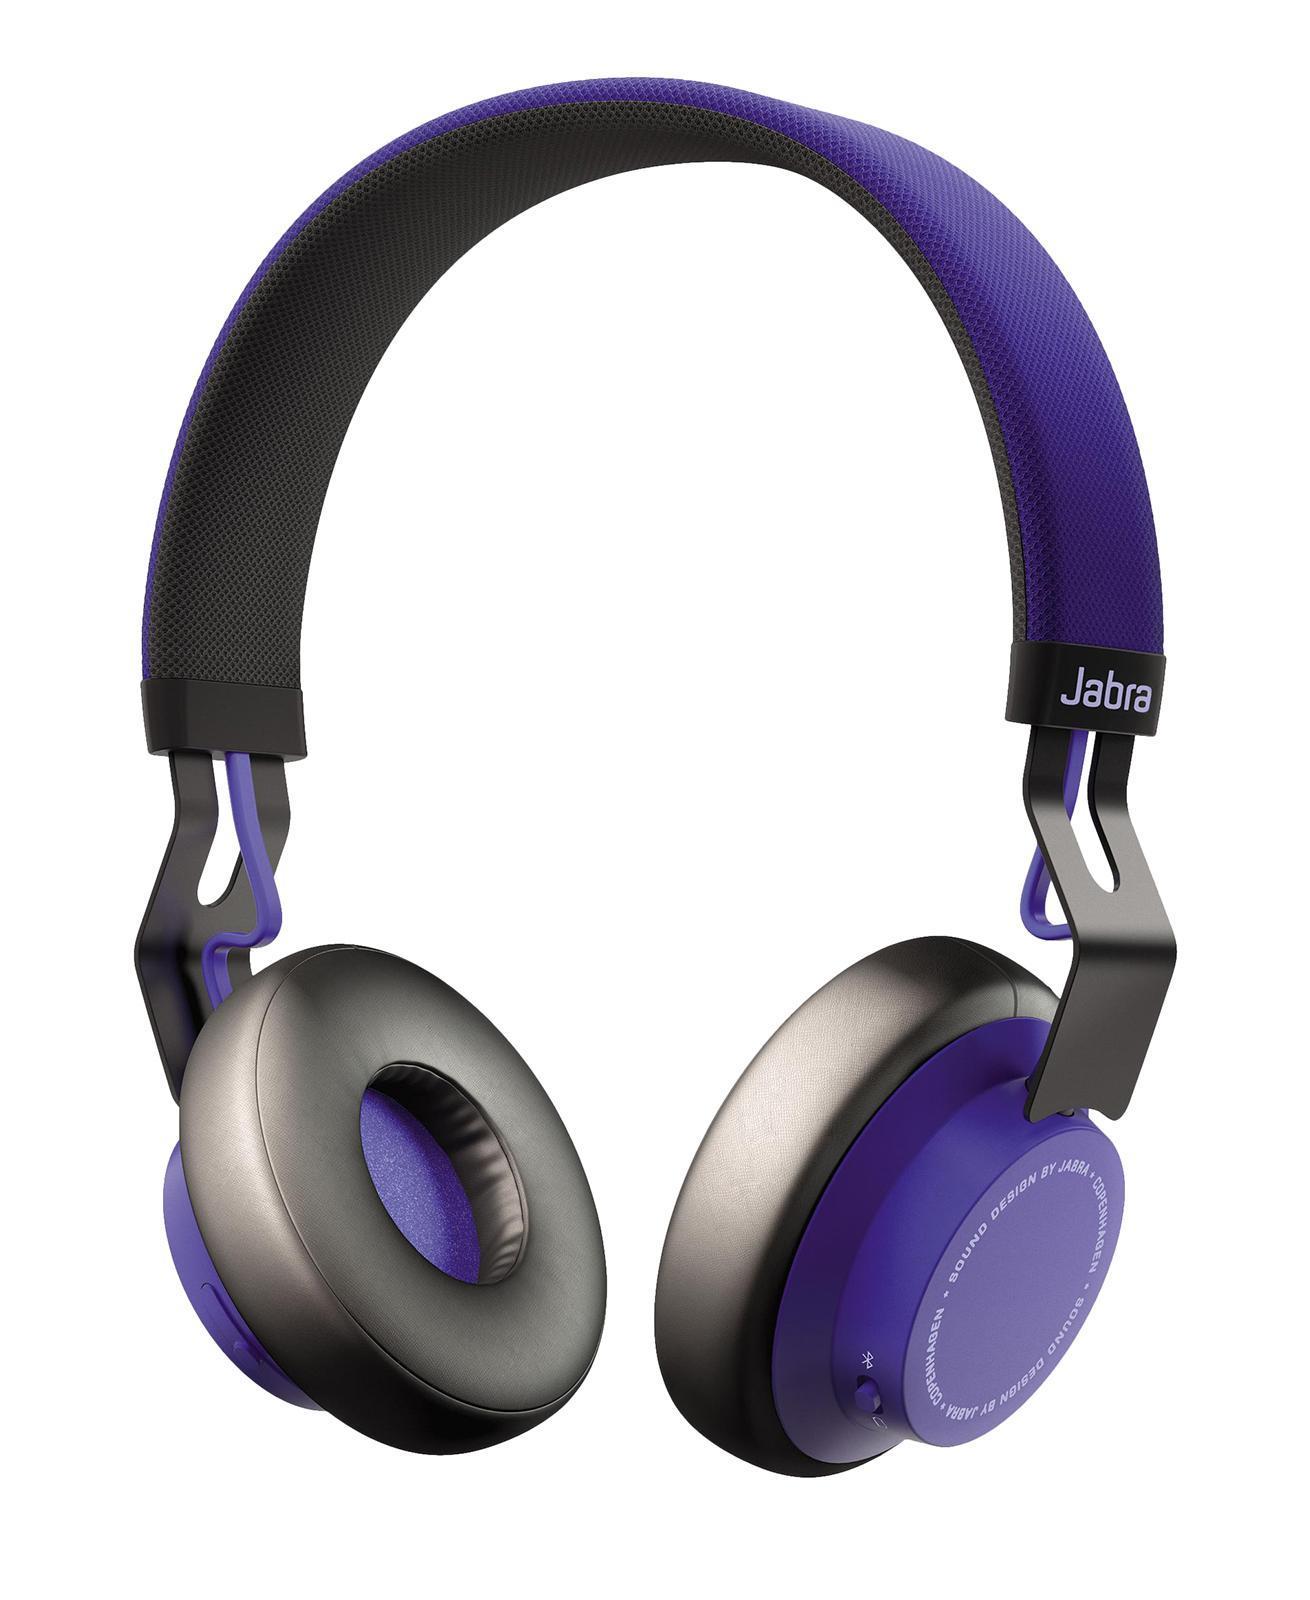 Jabra Move, Blue Bluetooth гарнитура100-96300001-60Мощный звук для большого мира.Благодаря вкладу ведущих мировых специалистов по звуку в проектирование Jabra MoveWireless предлагают непревзойденное качество звука в категории беспроводных наушников. Фирменная цифровая обработка сигналов Jabra DSP обеспечивает четкий цифровой звук, открывающий истинную глубину и звучание любимой музыки. Созданные вдохновлять, СОЗДАННЫЕ ДЛЯ ЖИЗНИ.Скандинавский дизайн наушников Move Wireless с четкими, выверенными линиями. Мощь звучания и разнообразие функций. При выборе цветов мы черпали вдохновение из огней и красок современного мегаполиса, а при разработке ультралегкого регулируемого оголовья стремились сделать его более удобным для ношения и максимально долговечным. Move Wireless дарит вам звуки музыки, где бы вы не находились.Пора оставить провода дома.Беспроводные технологии еще никогда не дарили столько свободы. Move Wireless просты в подключении, вы можете держать свой телефон в кармане и управлять музыкой и звонками прямо с наушников. Это идеальное решение для сегодняшнего образа жизни - в движении.